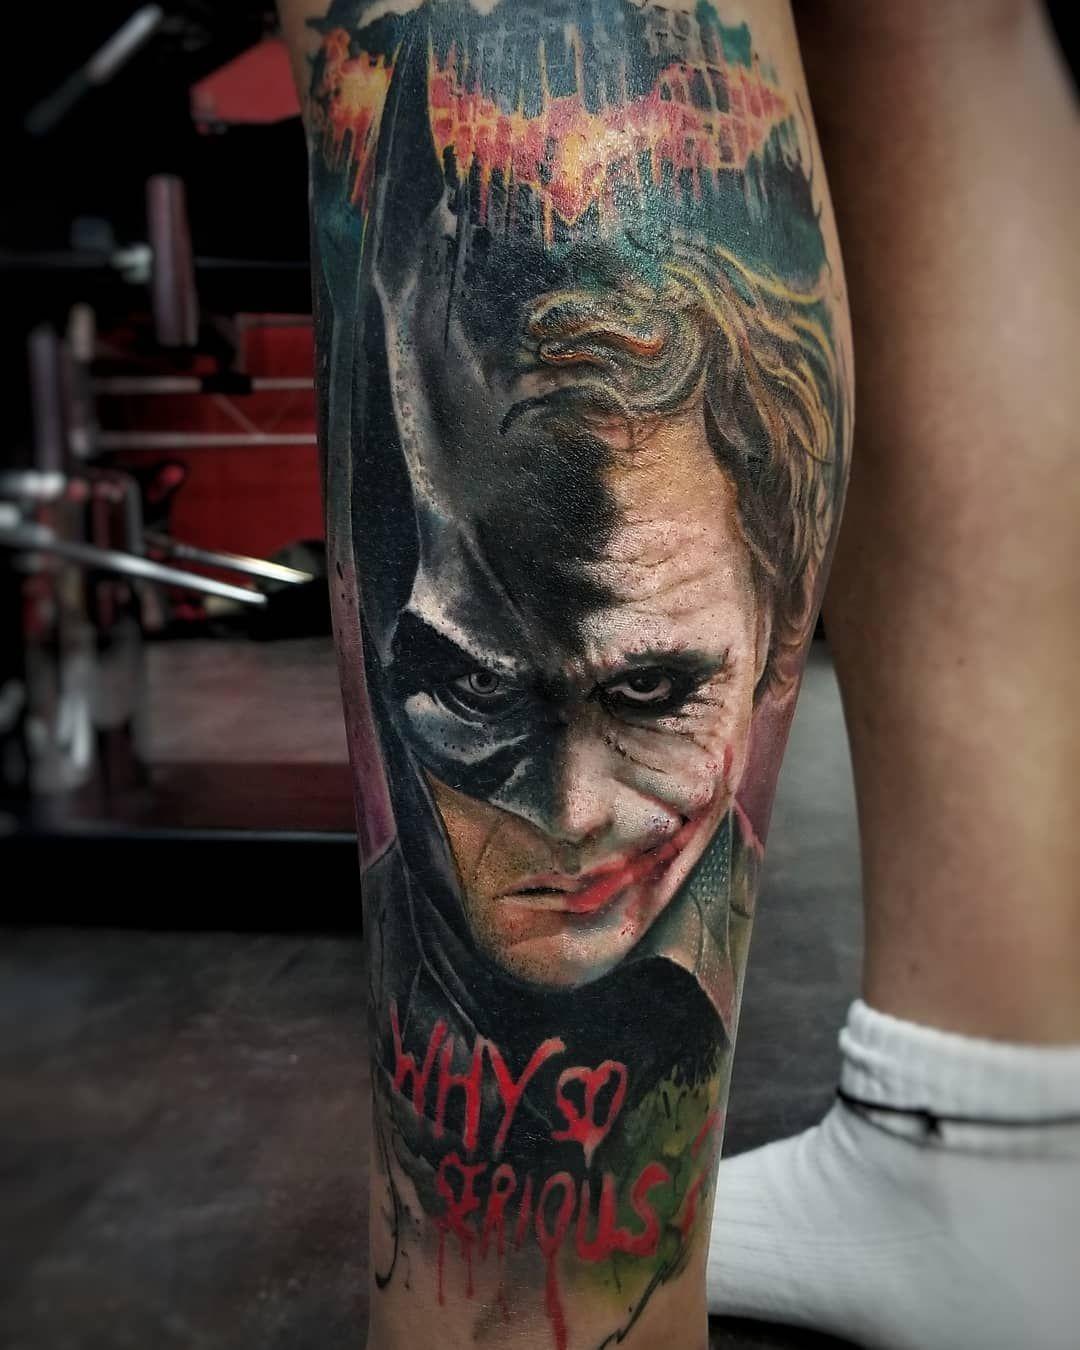 Batman Joker Tattoo : batman, joker, tattoo, Tattoo, Artist, Adrian, Ciercoles, Batman, Tattoo,, Marvel, Tattoos,, Joker